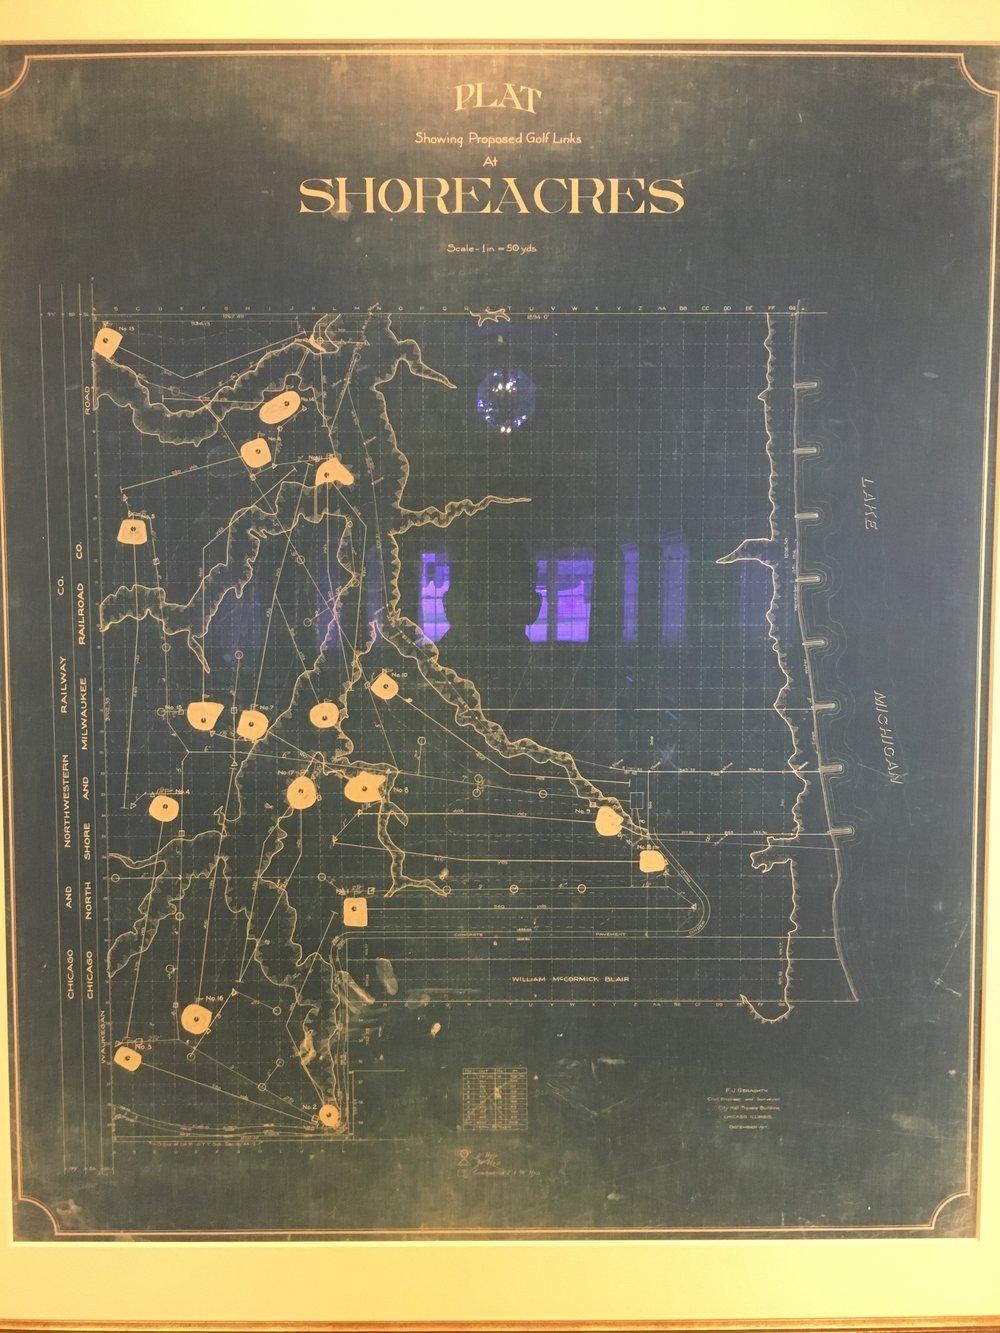 Raynor's original master plan for Shoreacres